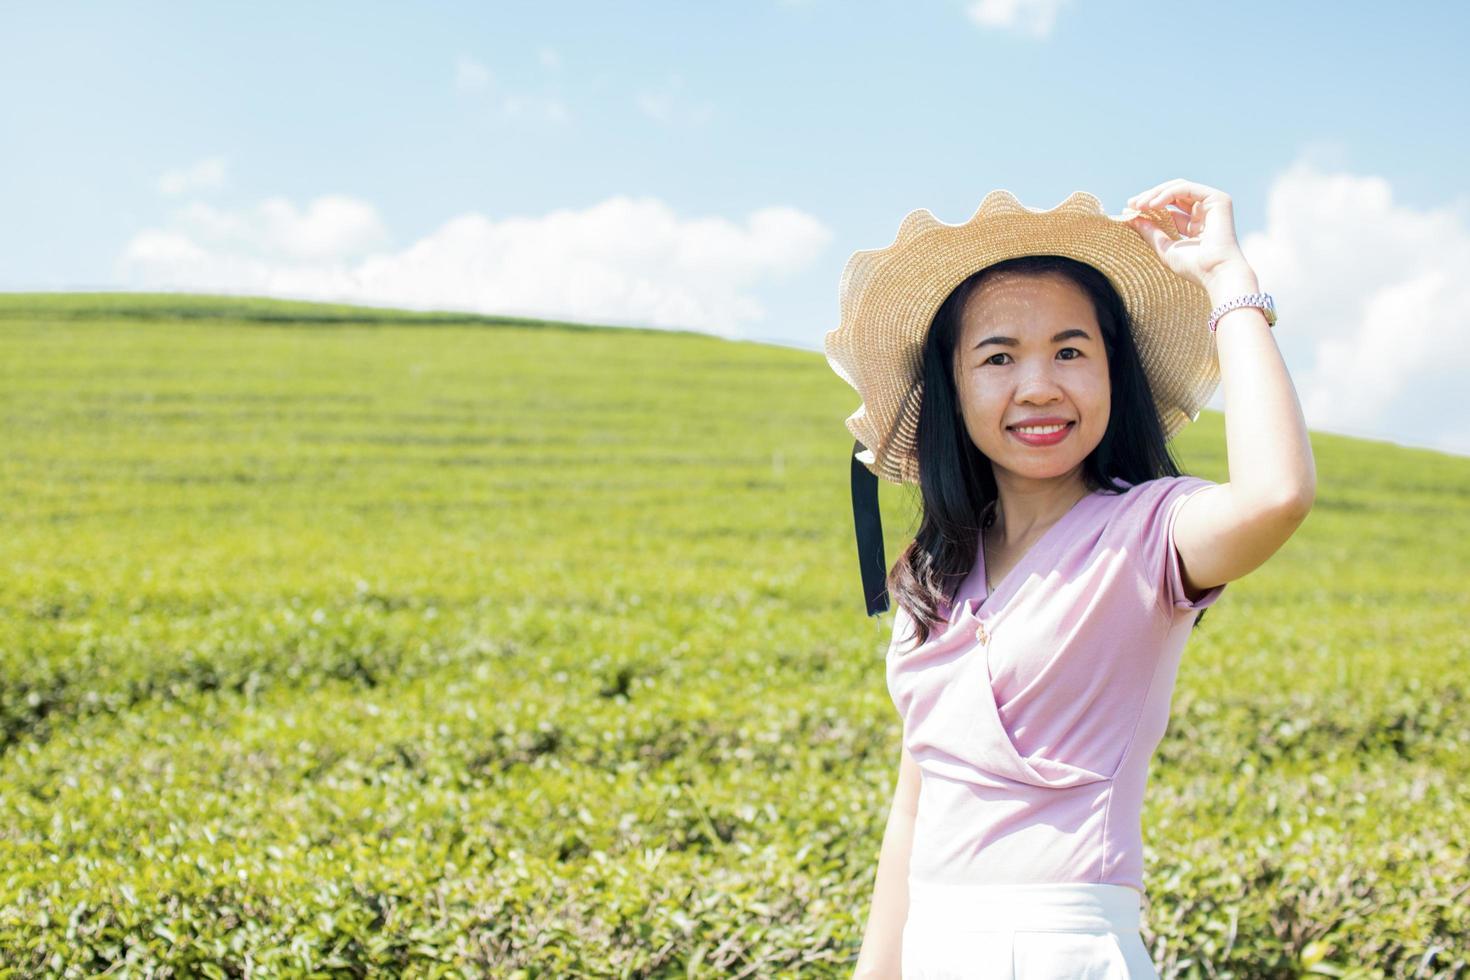 Frau, die Hut vor einem grünen Feld trägt foto